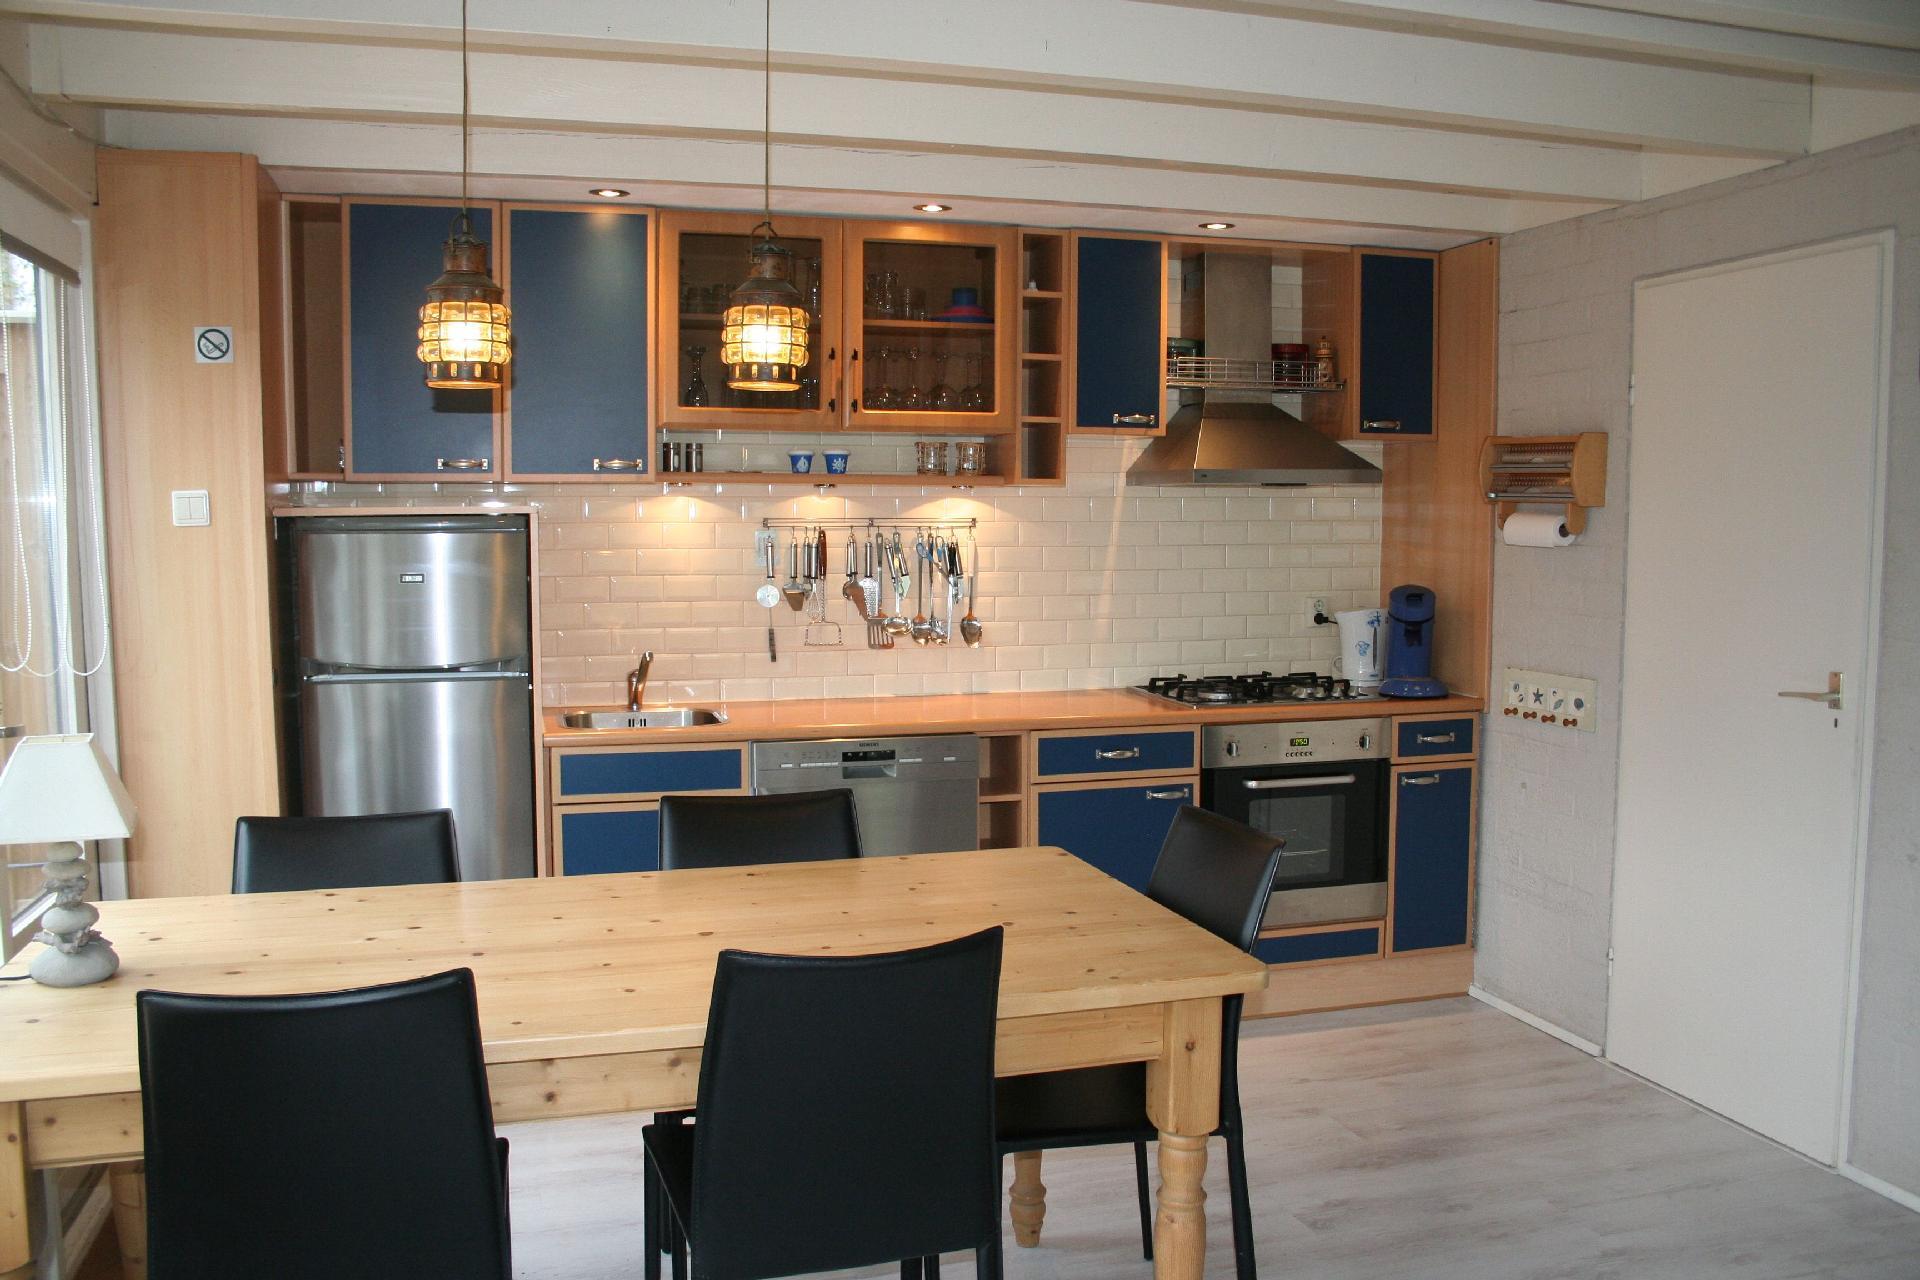 Ferienhaus für 5 Personen ca. 65 m² in S   Zeeland